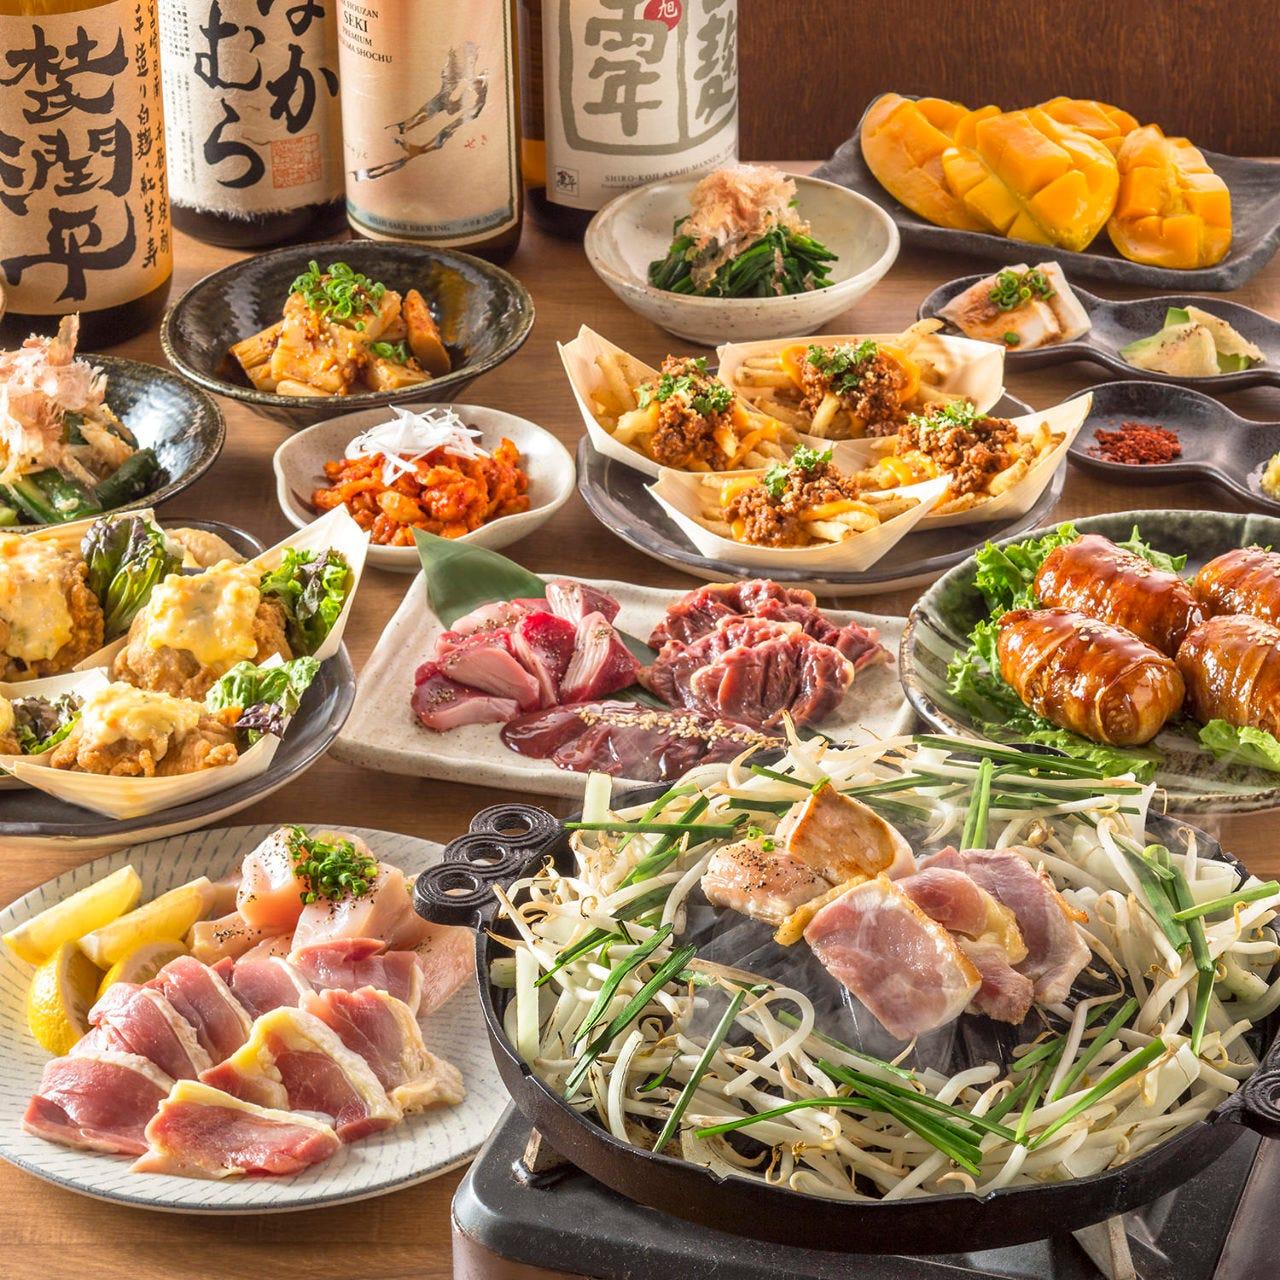 今年のイチ推し! 肉!肉!まんぷくコース 5000円